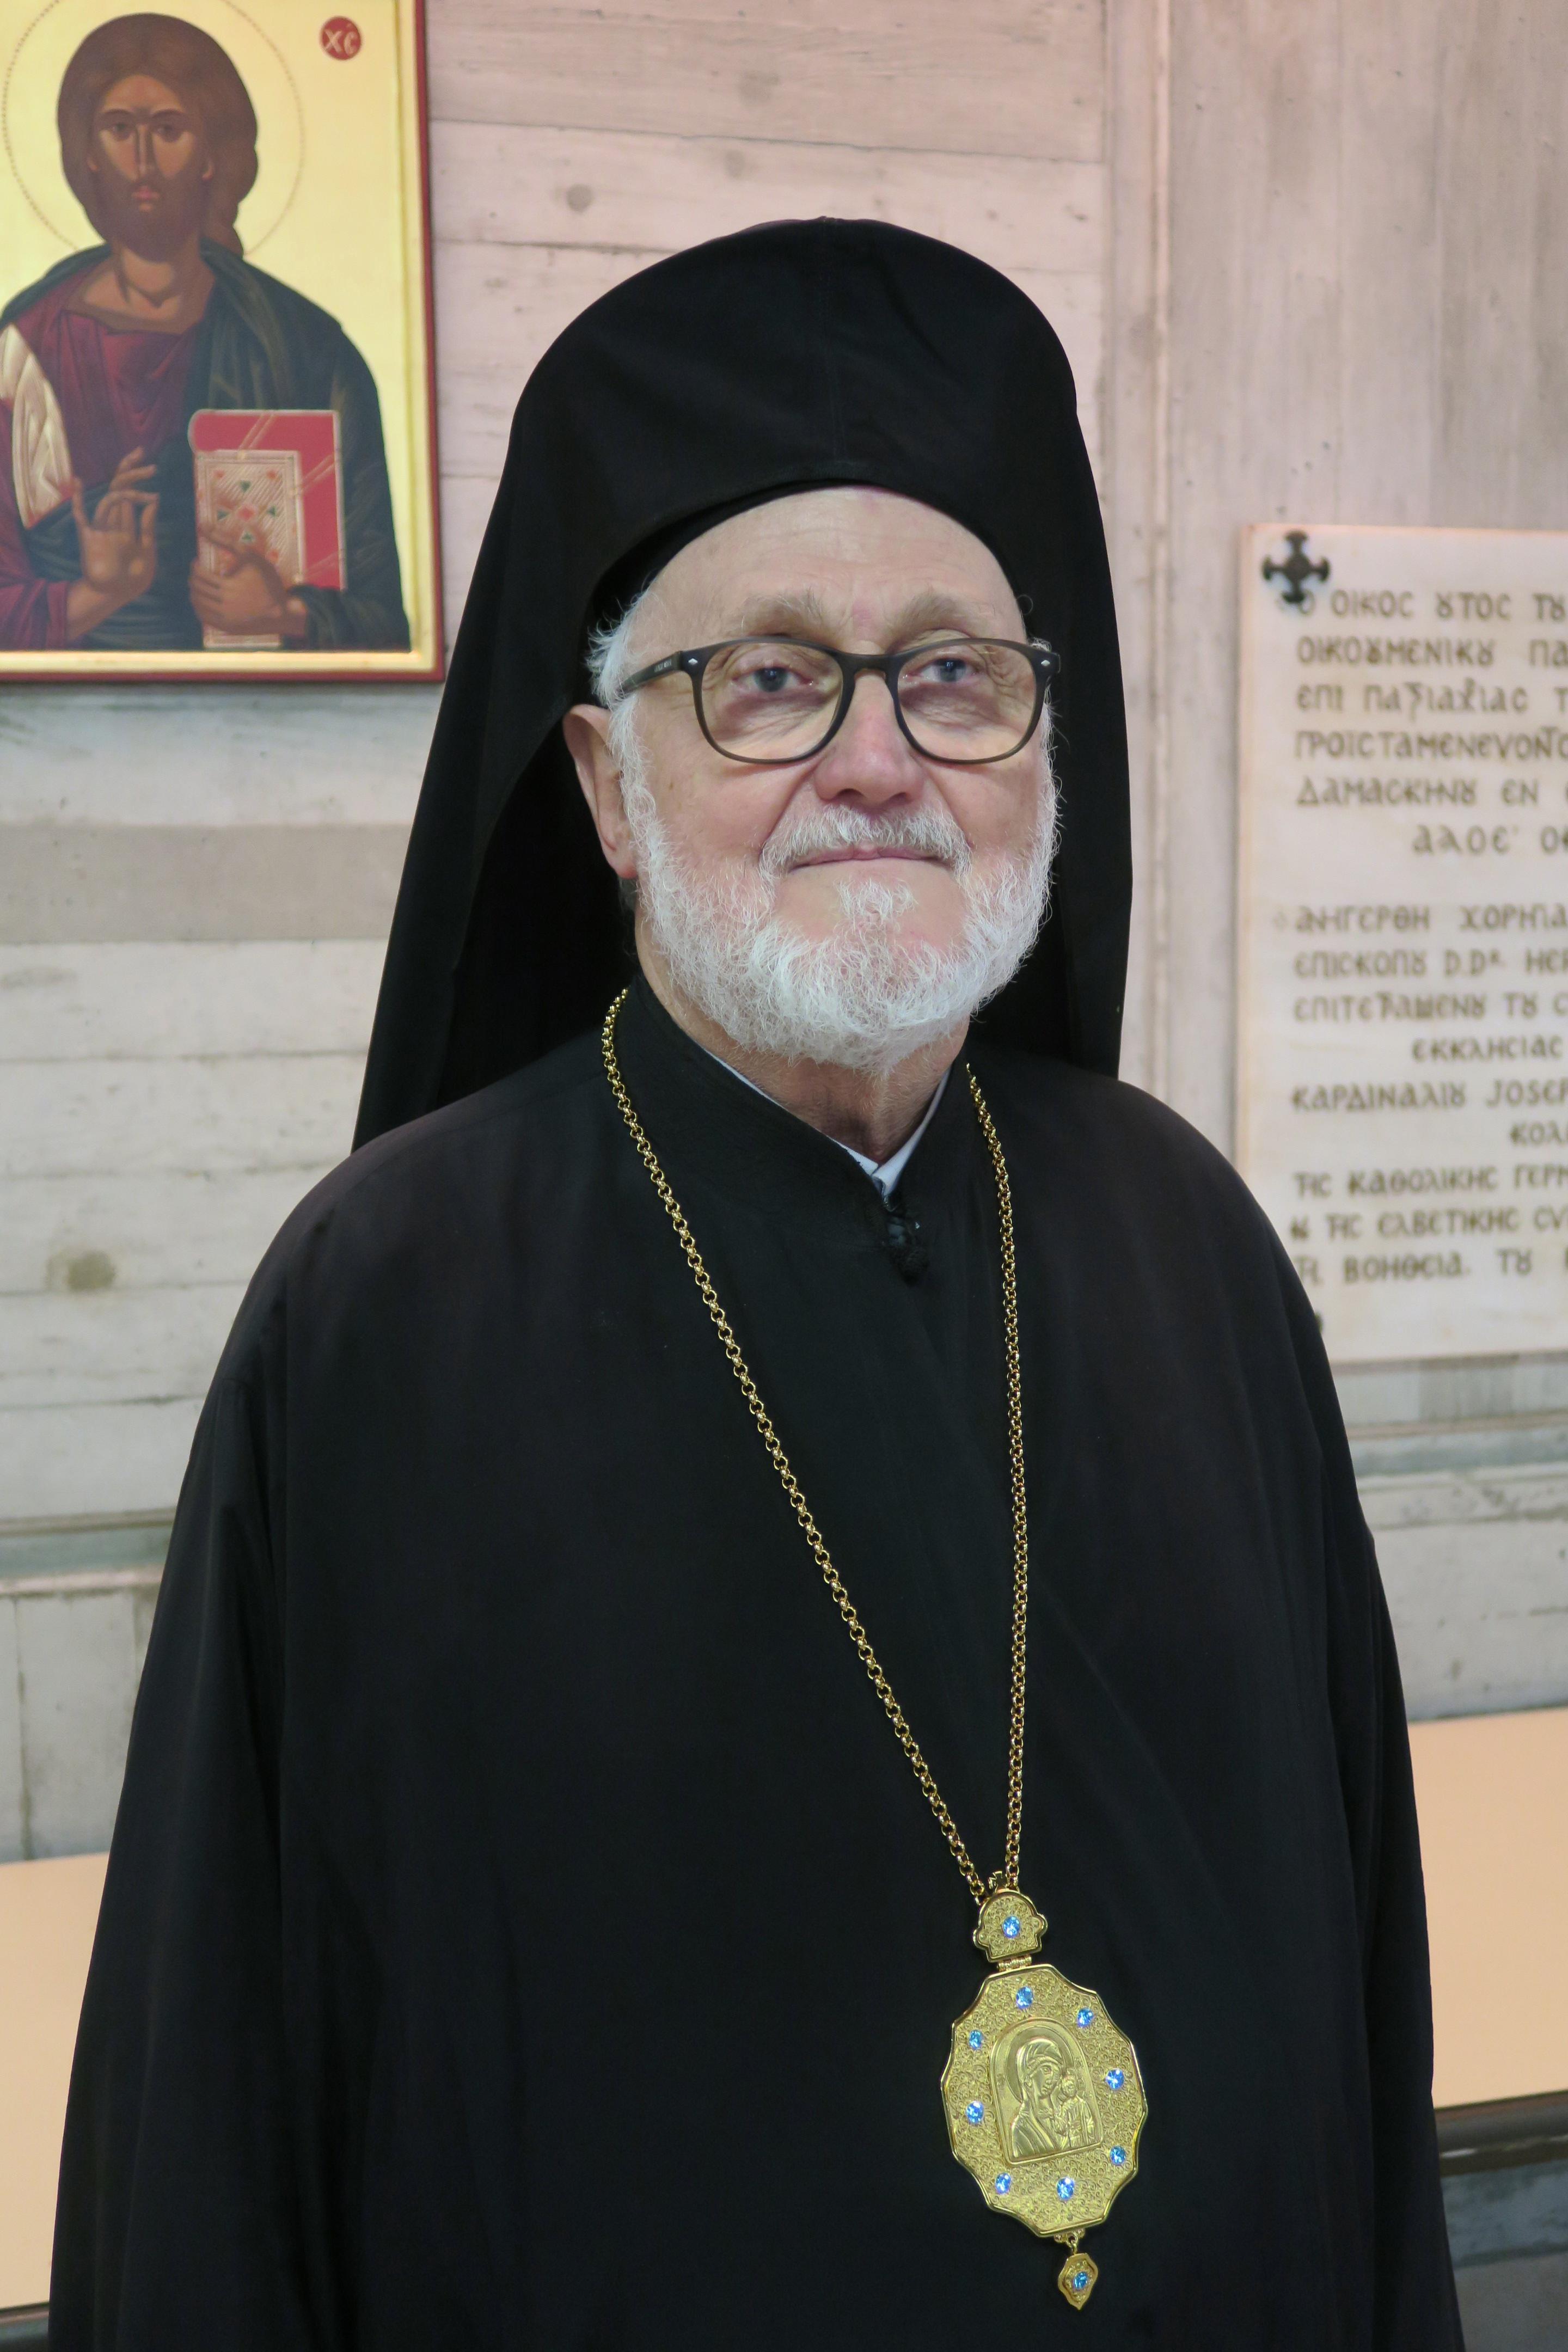 Глава Русского экзархата в Западной Европе архиепископ Хариупольский Иоанн